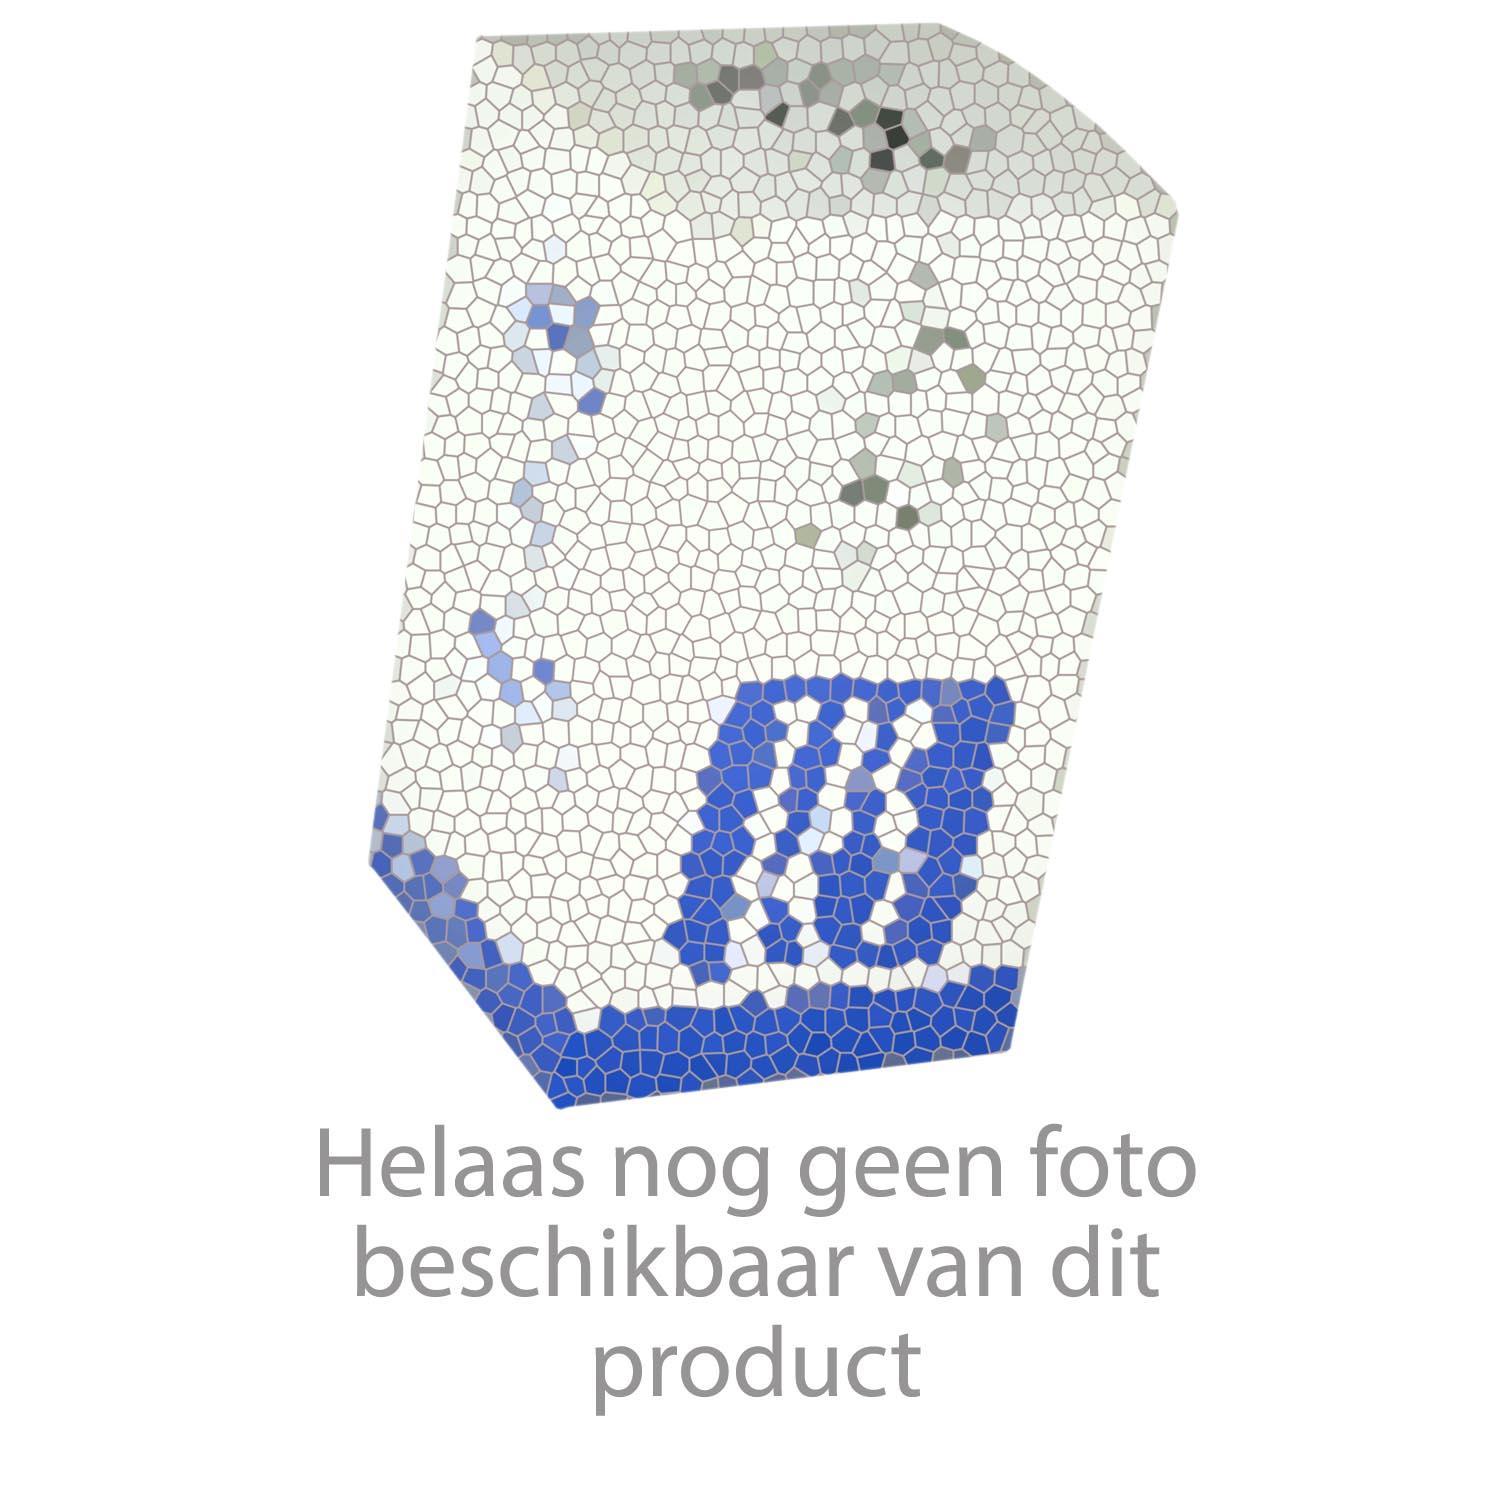 HansGrohe Keukenmengkranen Allegra Slim productiejaar 05/97 - 12/05 31912 onderdelen